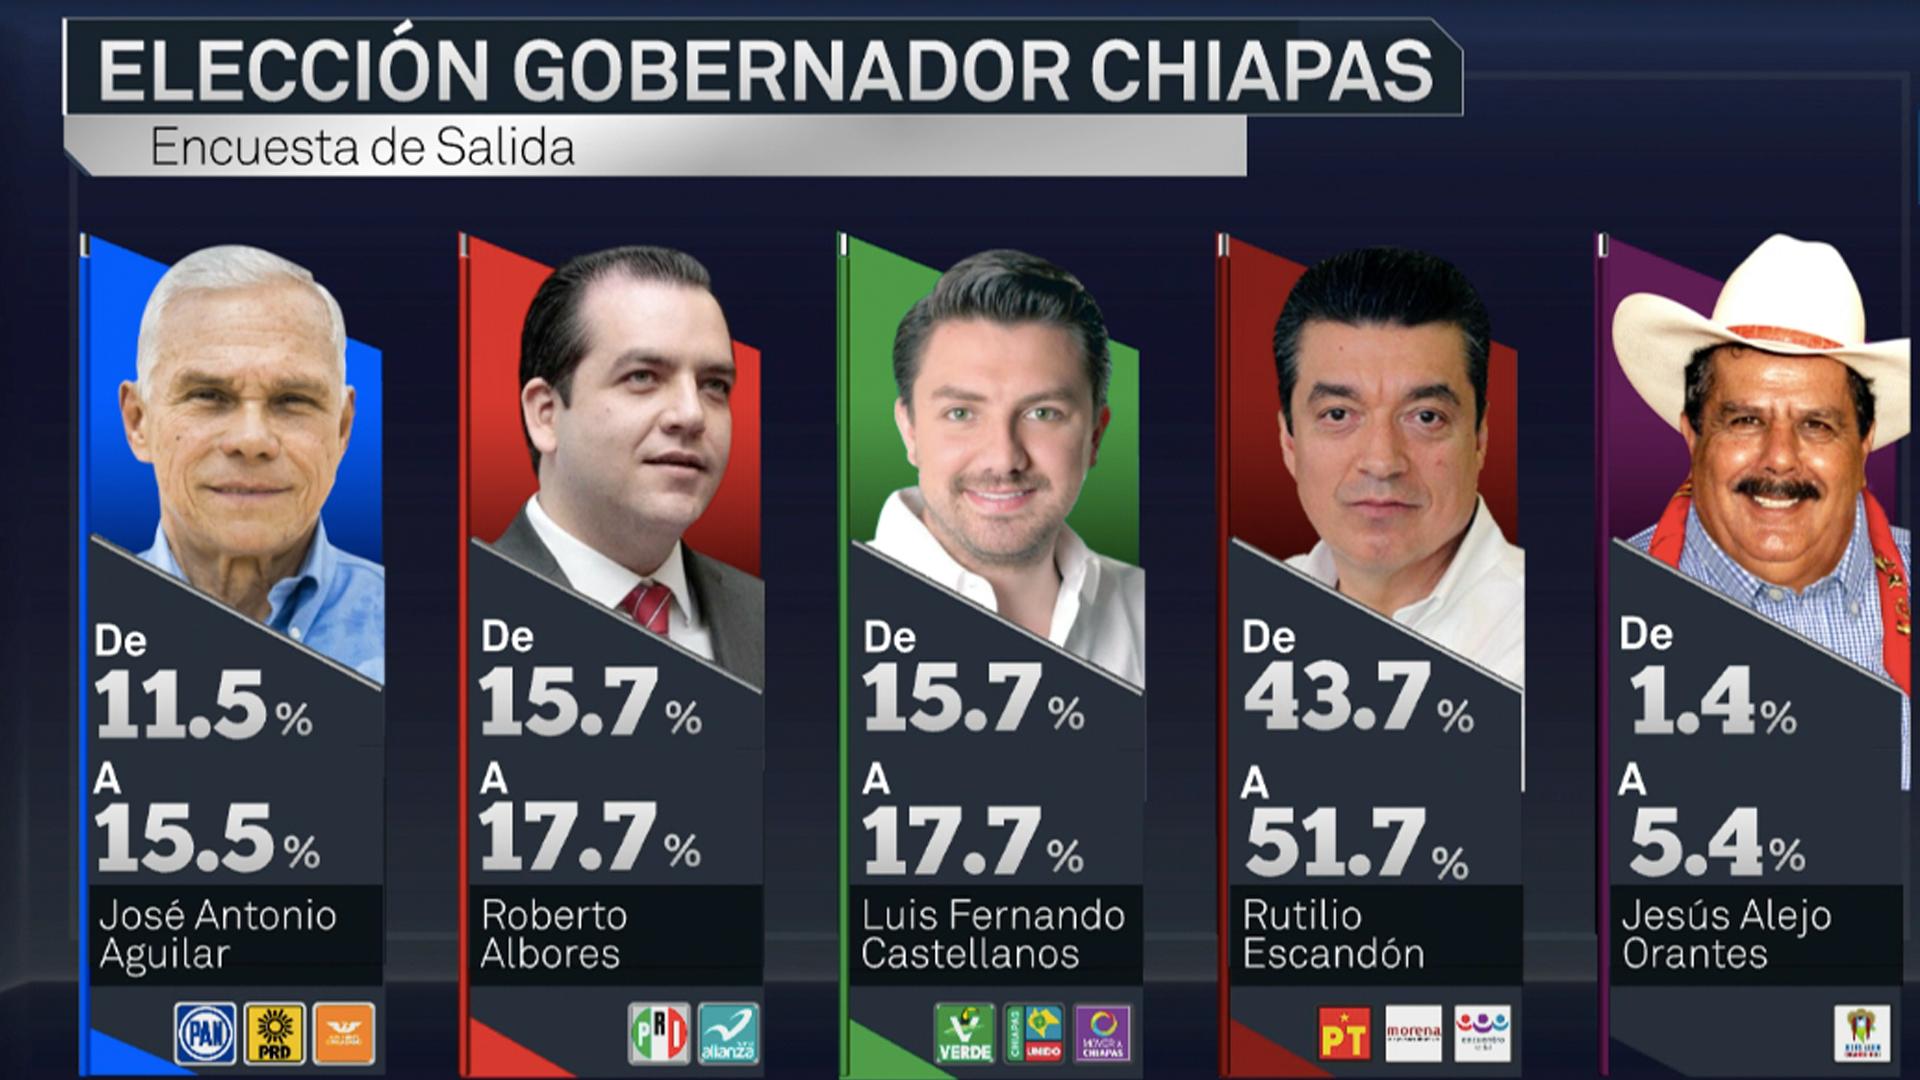 Arrasa Morena en CDMX, Tabasco, Chiapas y Morelos